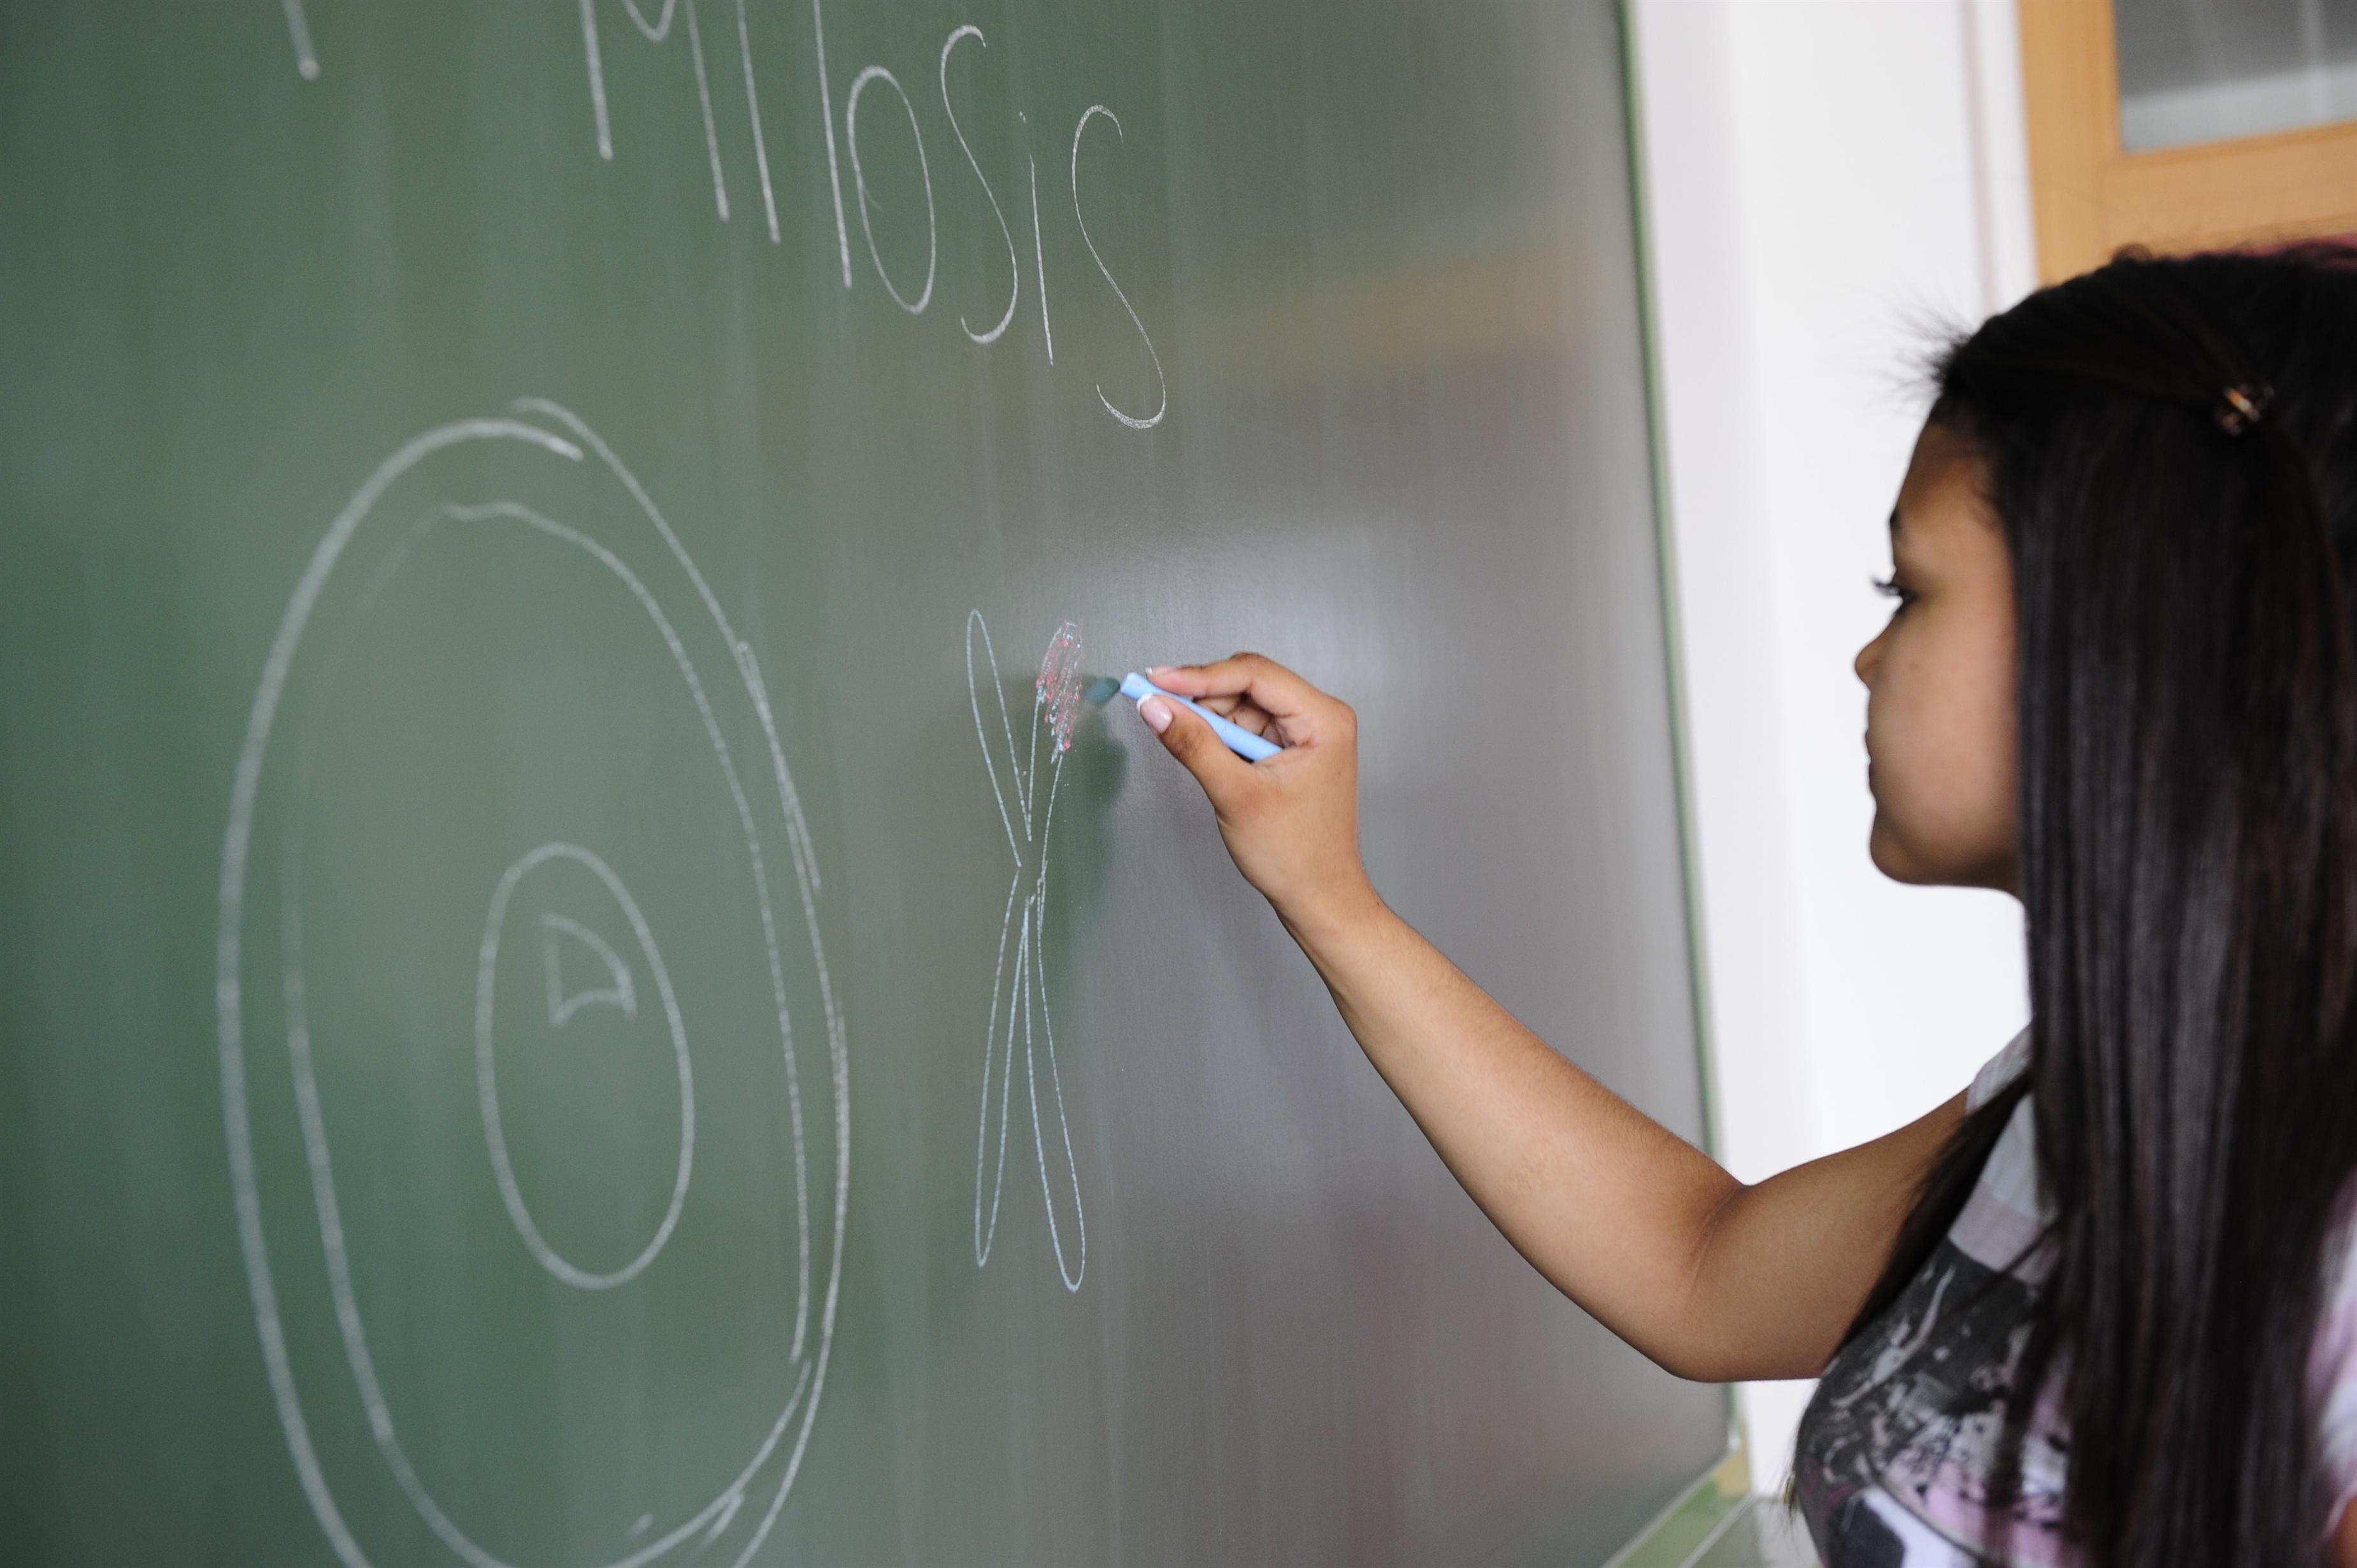 El curso 2013-14 comenzará el 9 de septiembre en Infantil y Primaria y el 16 del mismo mes en Secundaria